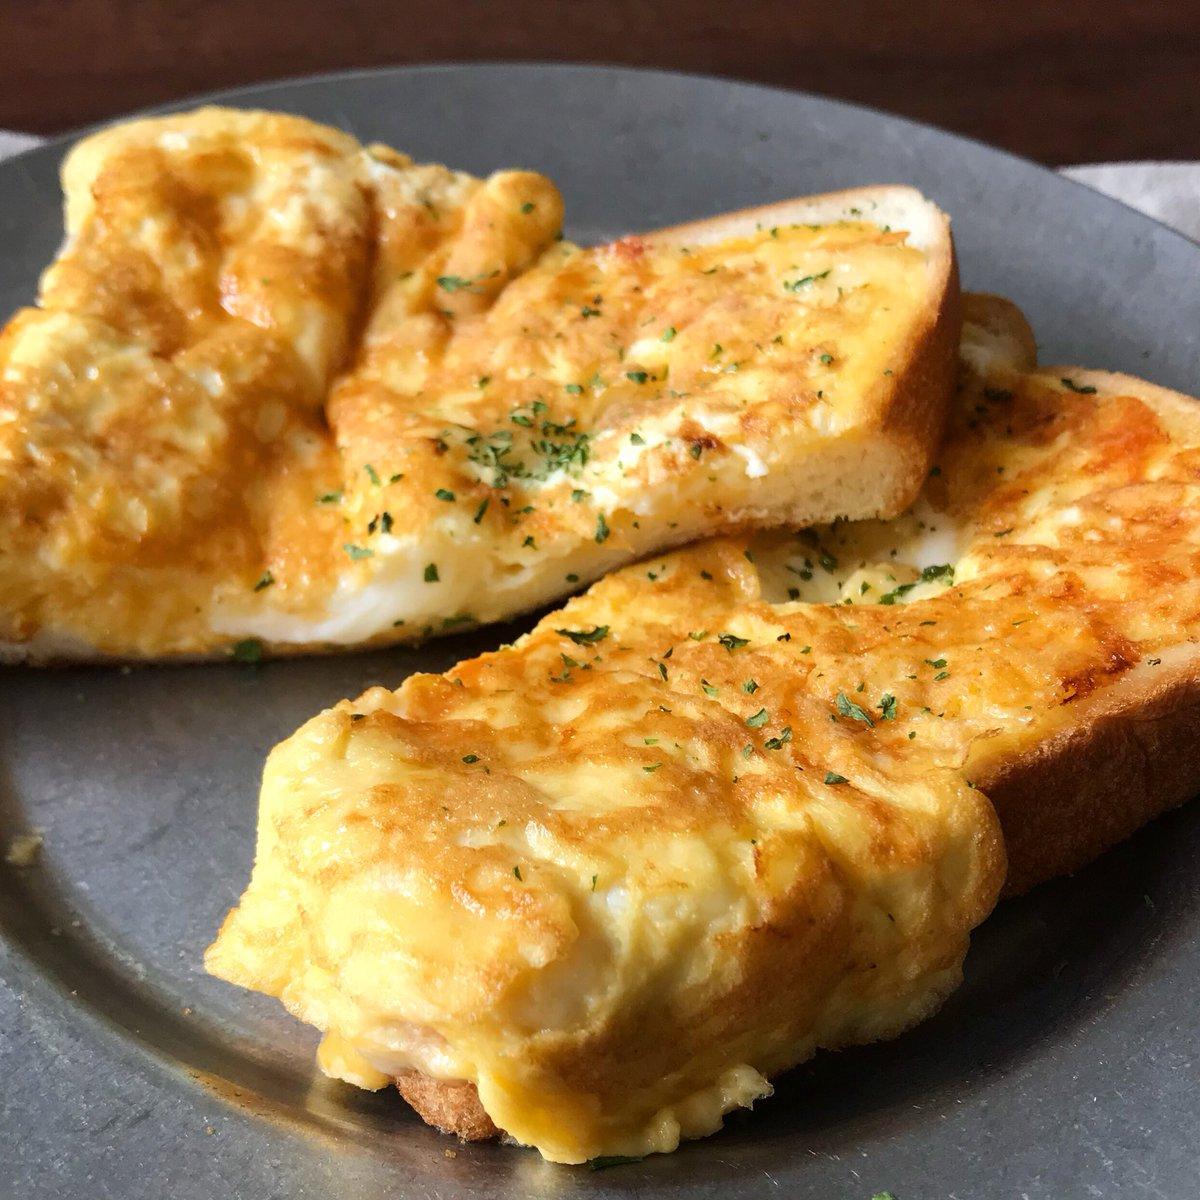 明日の朝ごはんにでも【とろとろ&さっくり!フライパンでできるオムレツチーズトースト】 食パンのくぼみに卵液、ピザ用チーズを流してフライパンで焼くだけ!レシピはライブドアニュースさんに掲載して頂いてます!